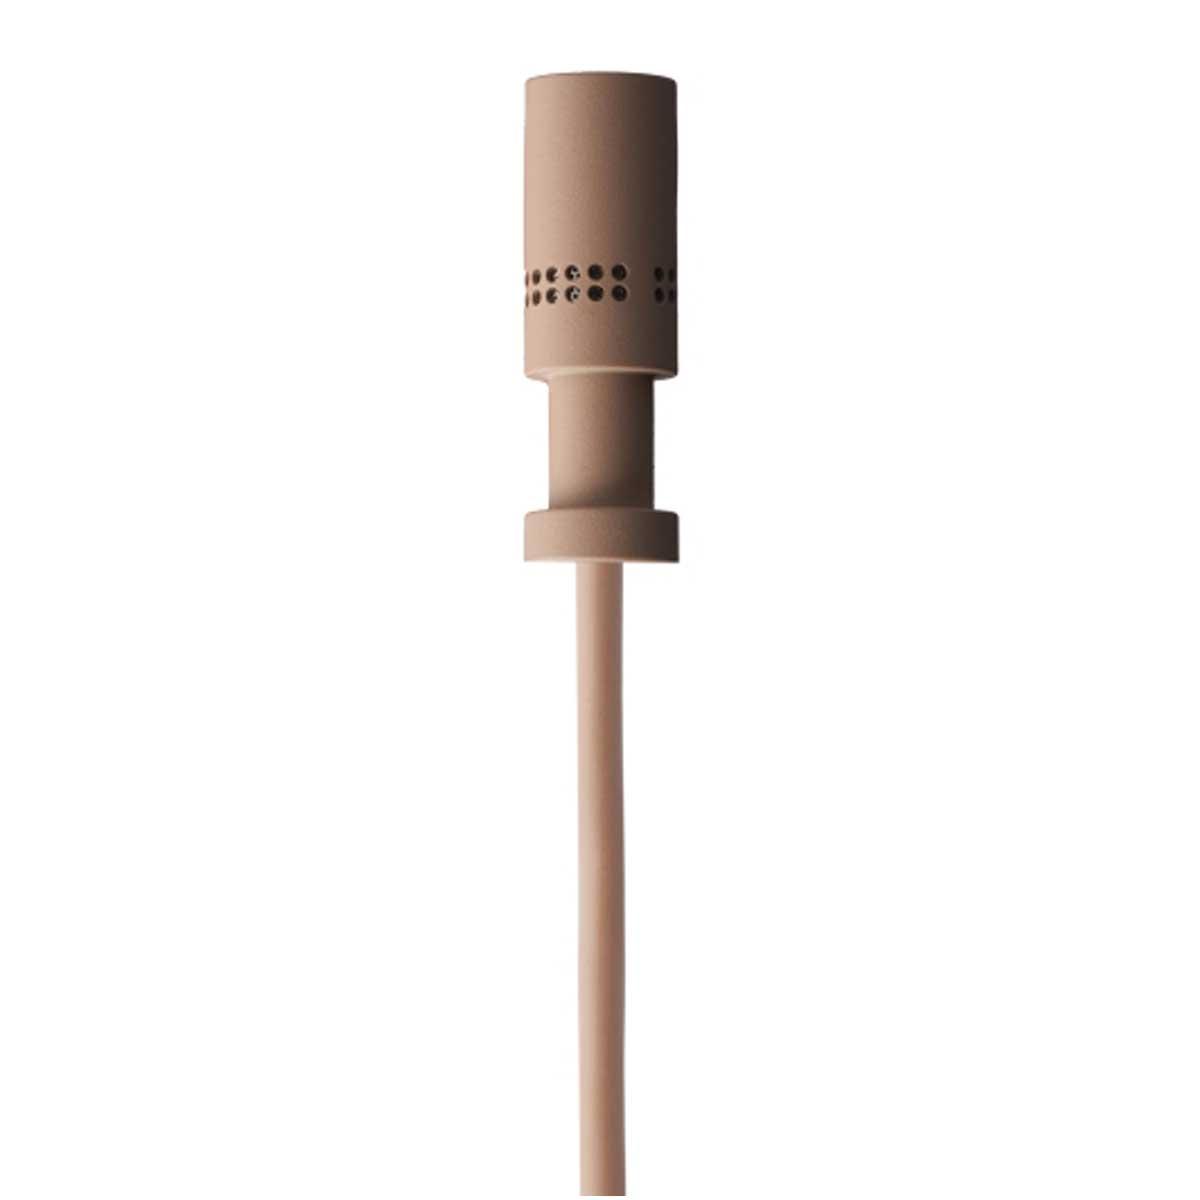 AKG エーケージー / LC81 MD beige ベージュ ラベリア カーディオイド コンデンサー型マイクロホン MicroLite Series【国内正規品2年保証】【お取り寄せ商品】